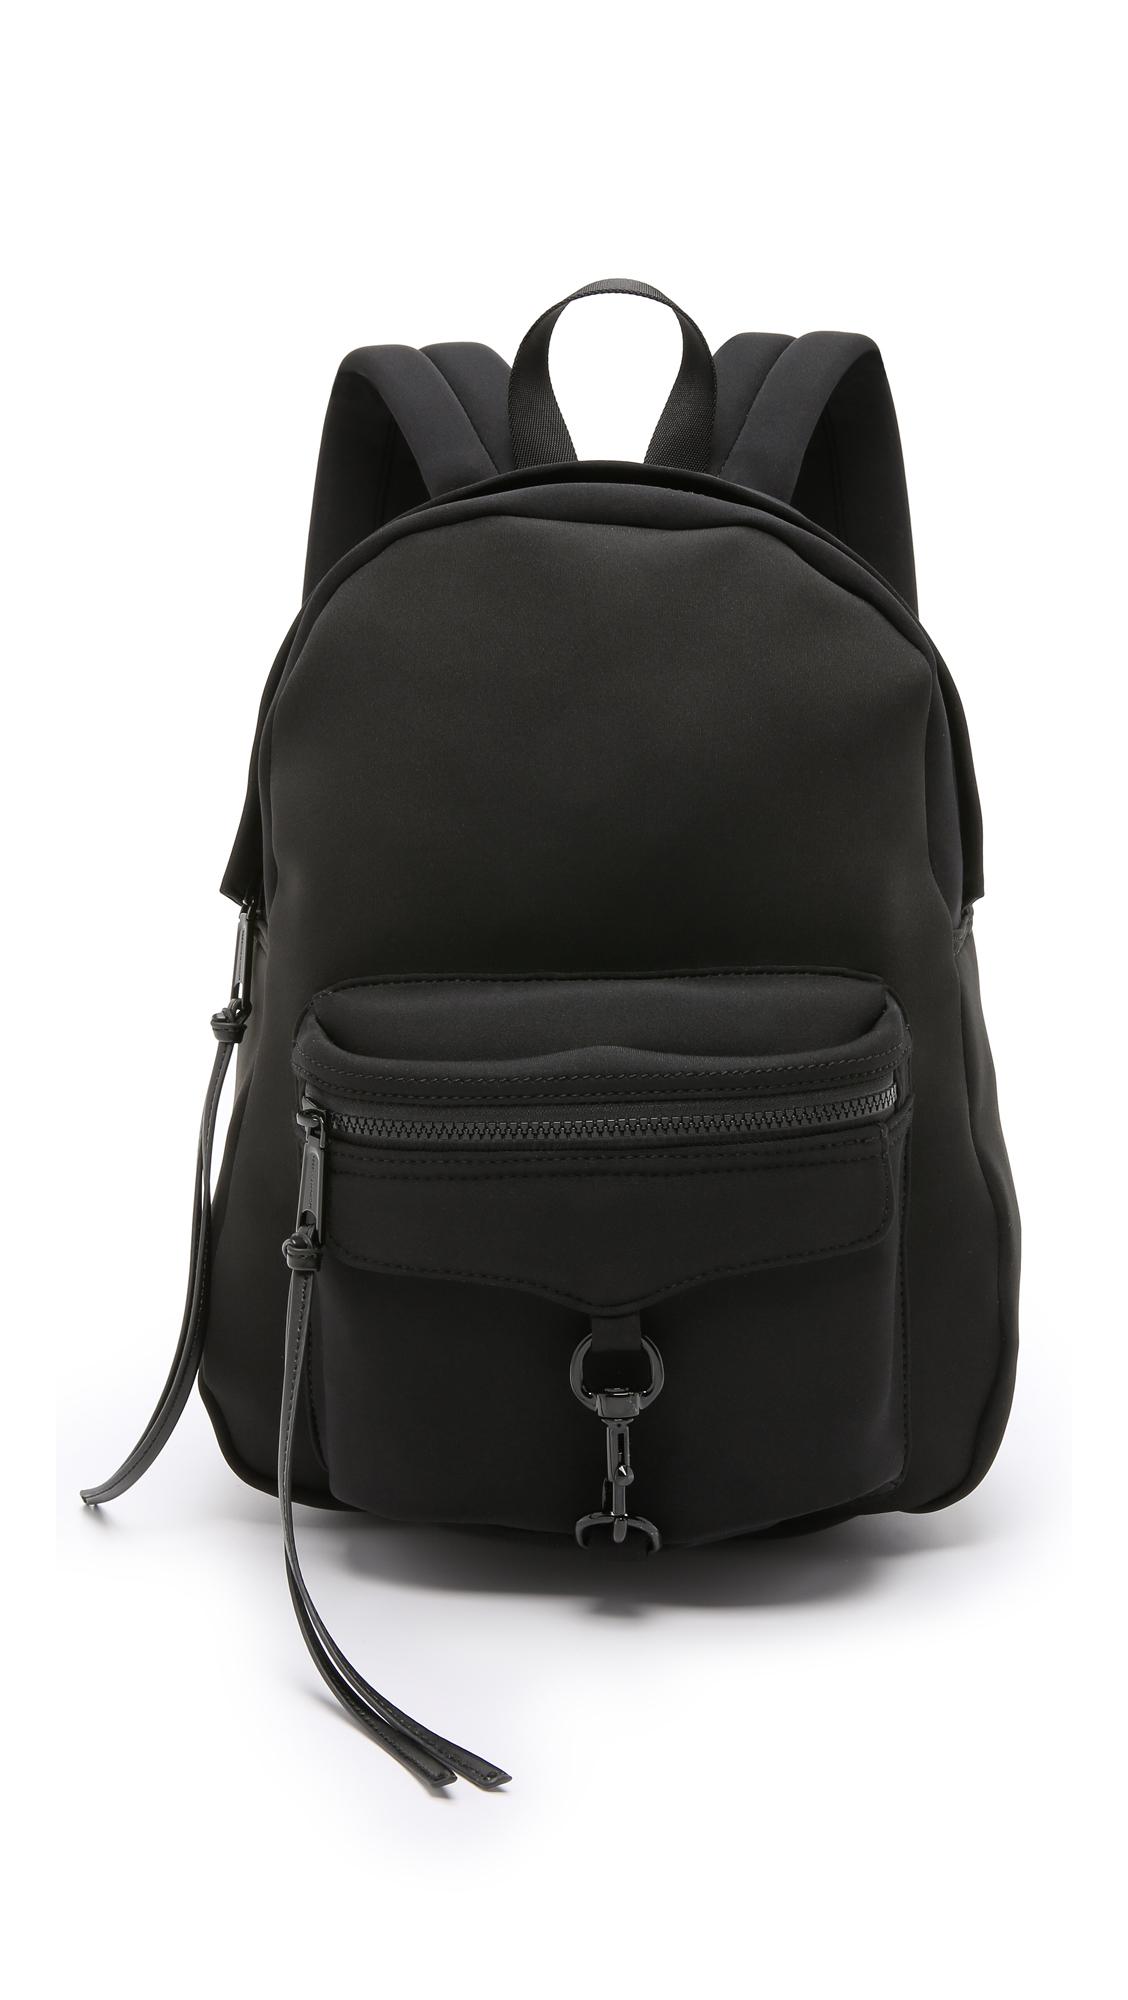 Rebecca minkoff Mab Neoprene Backpack in Black